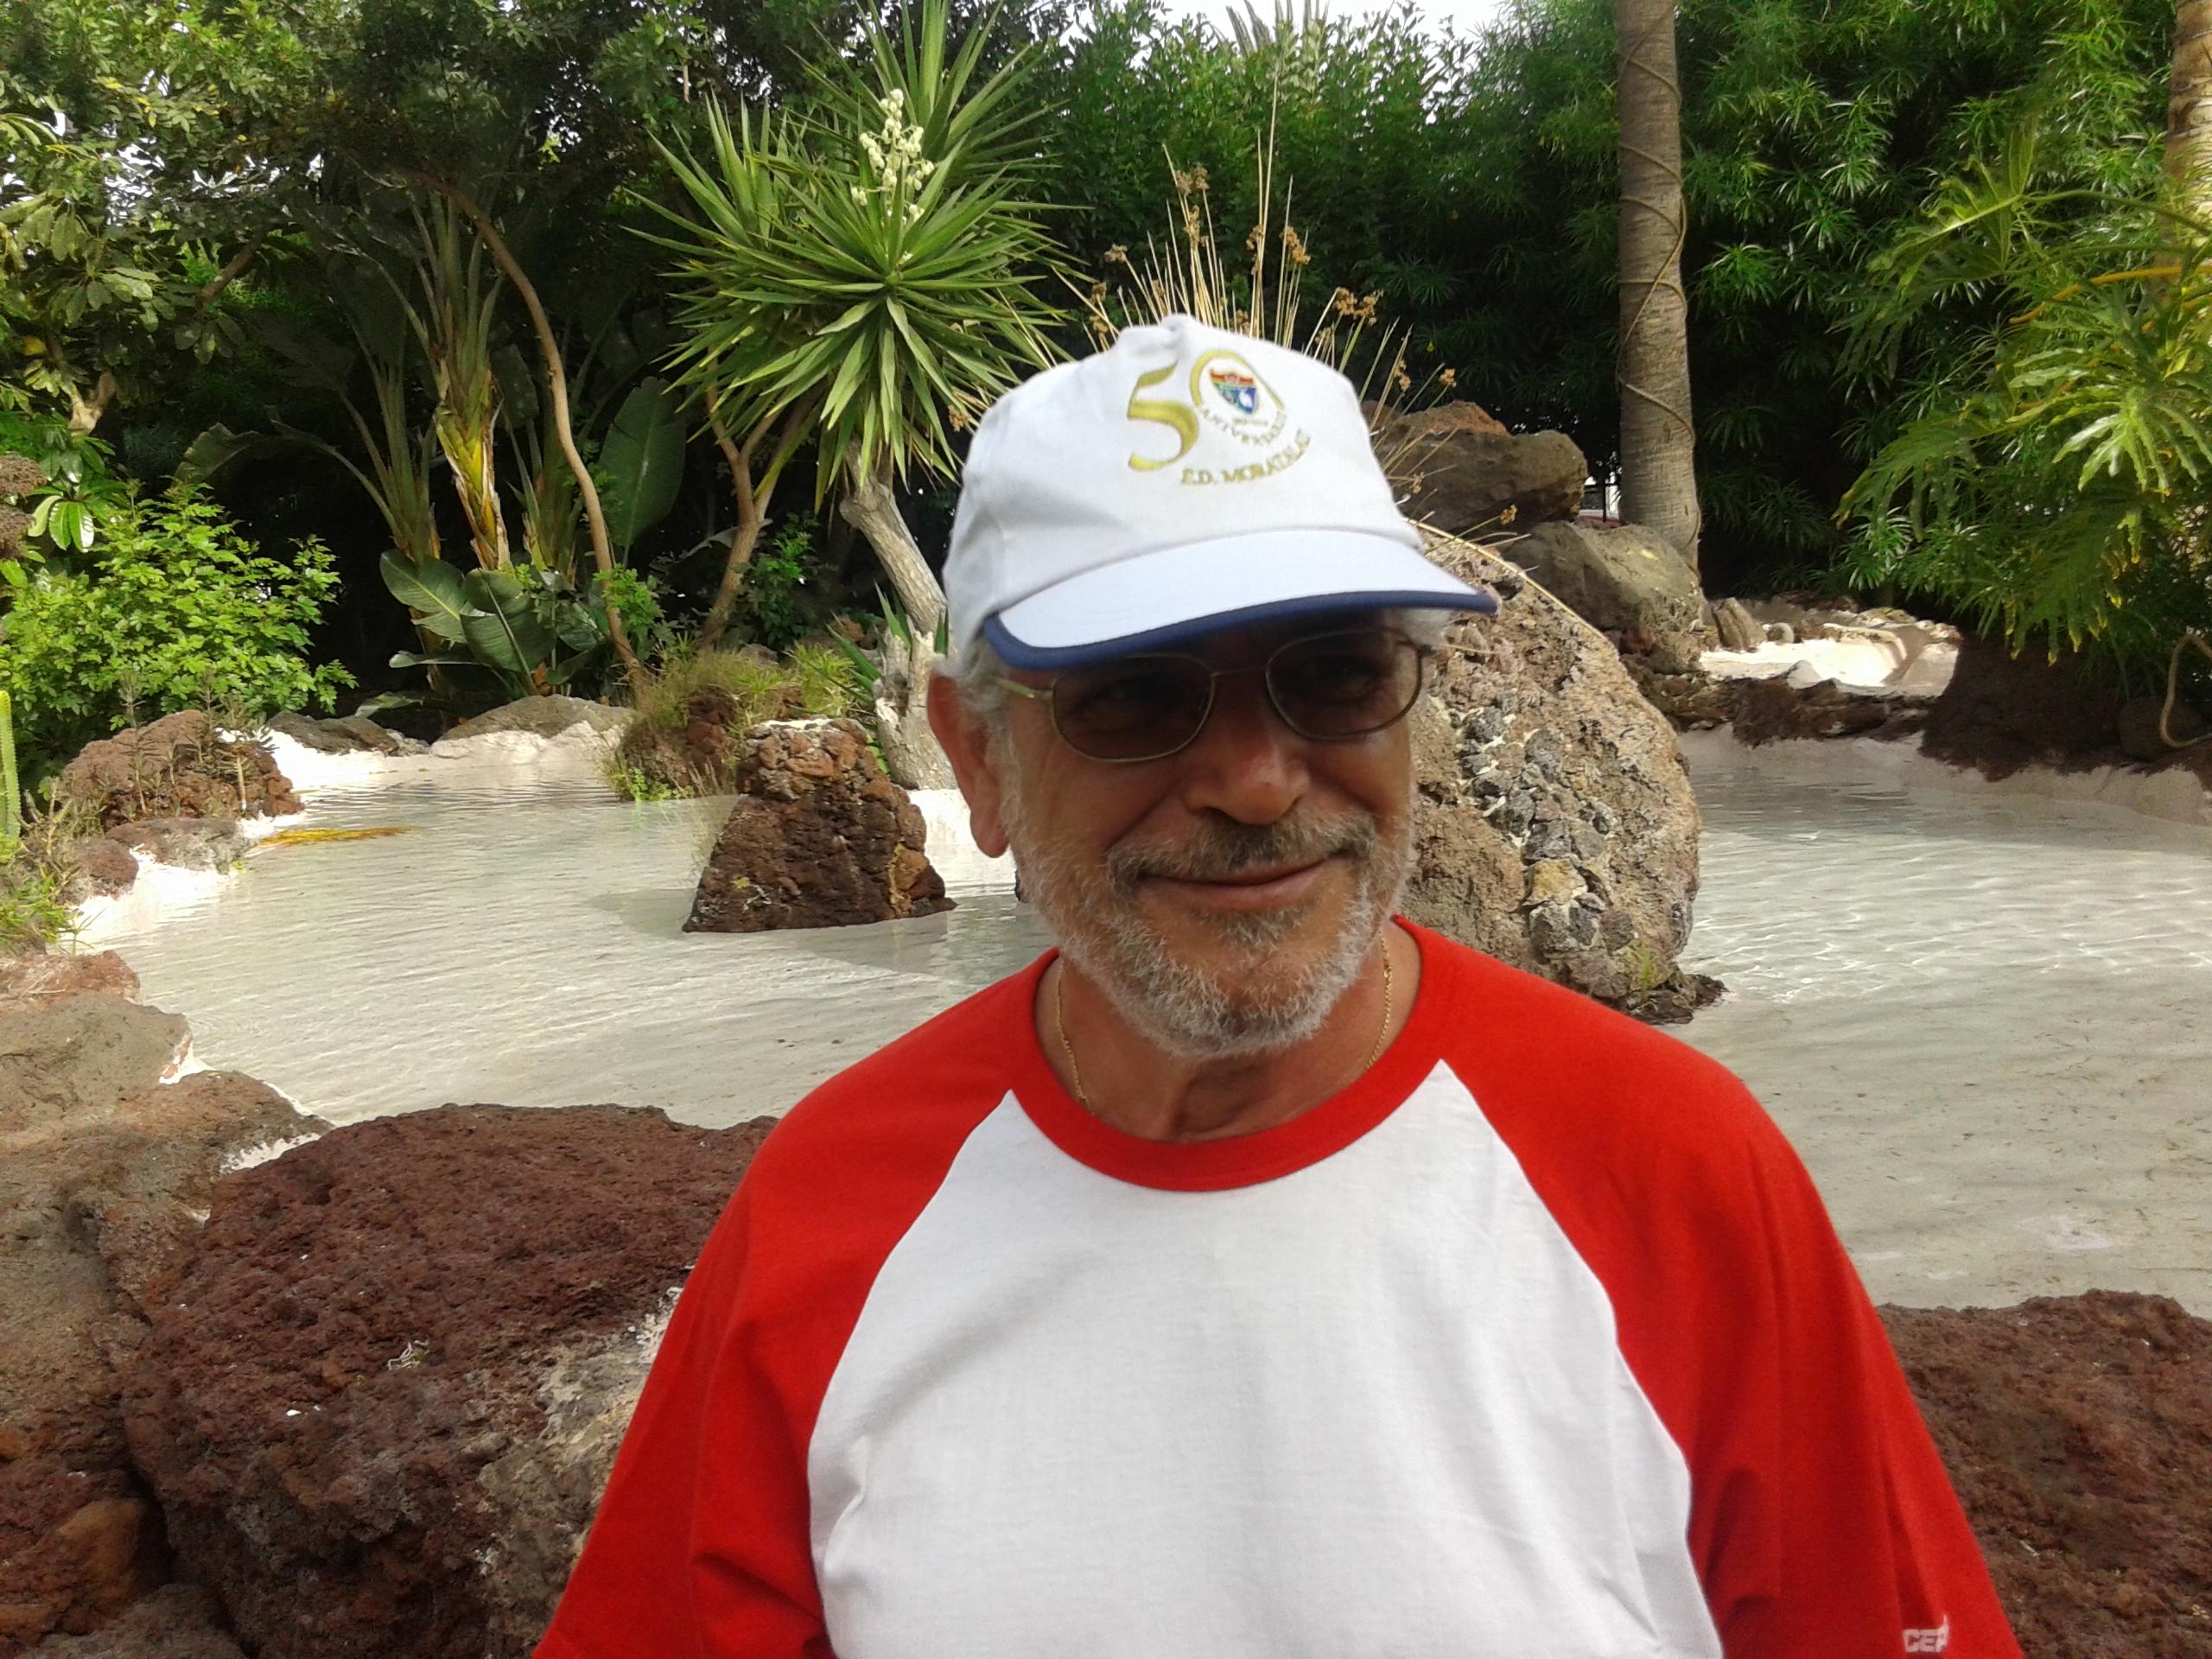 Seguidores de la Escuela, con la gorra del 50 aniversario desde Maspalomas, amplían la EDM por el mundo